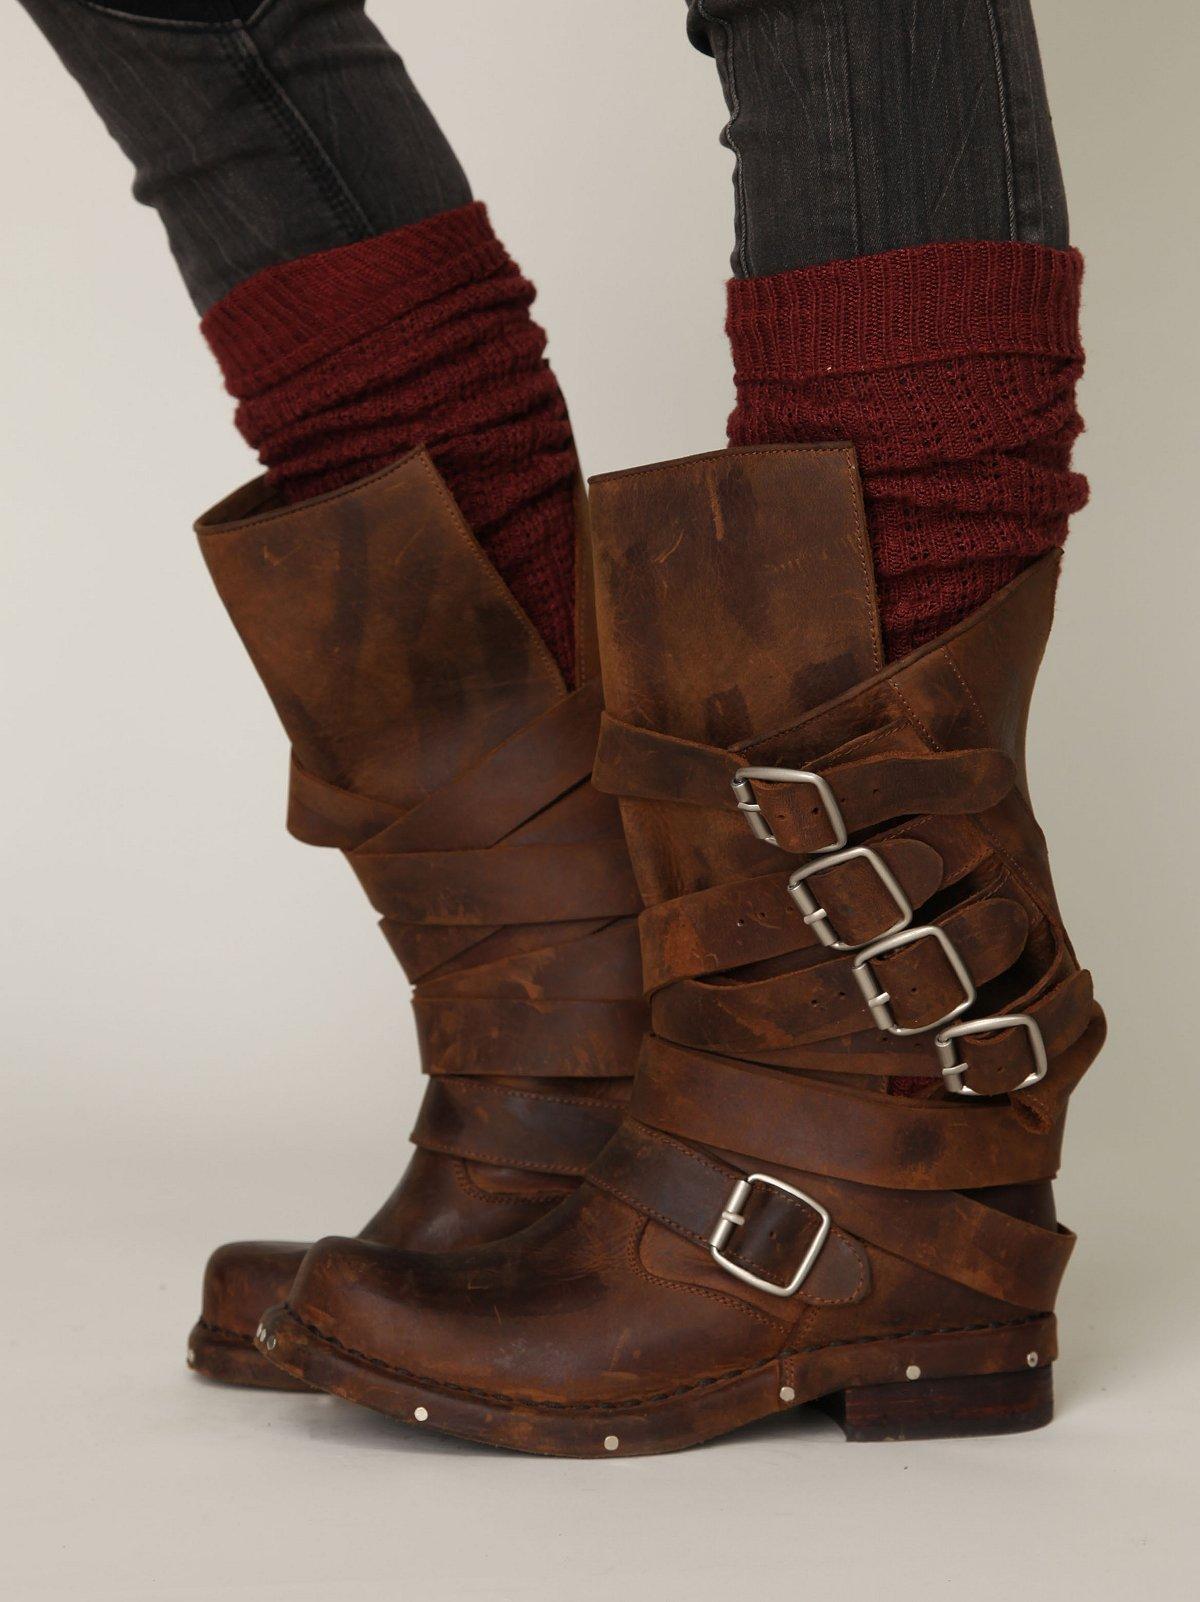 Scot Boot